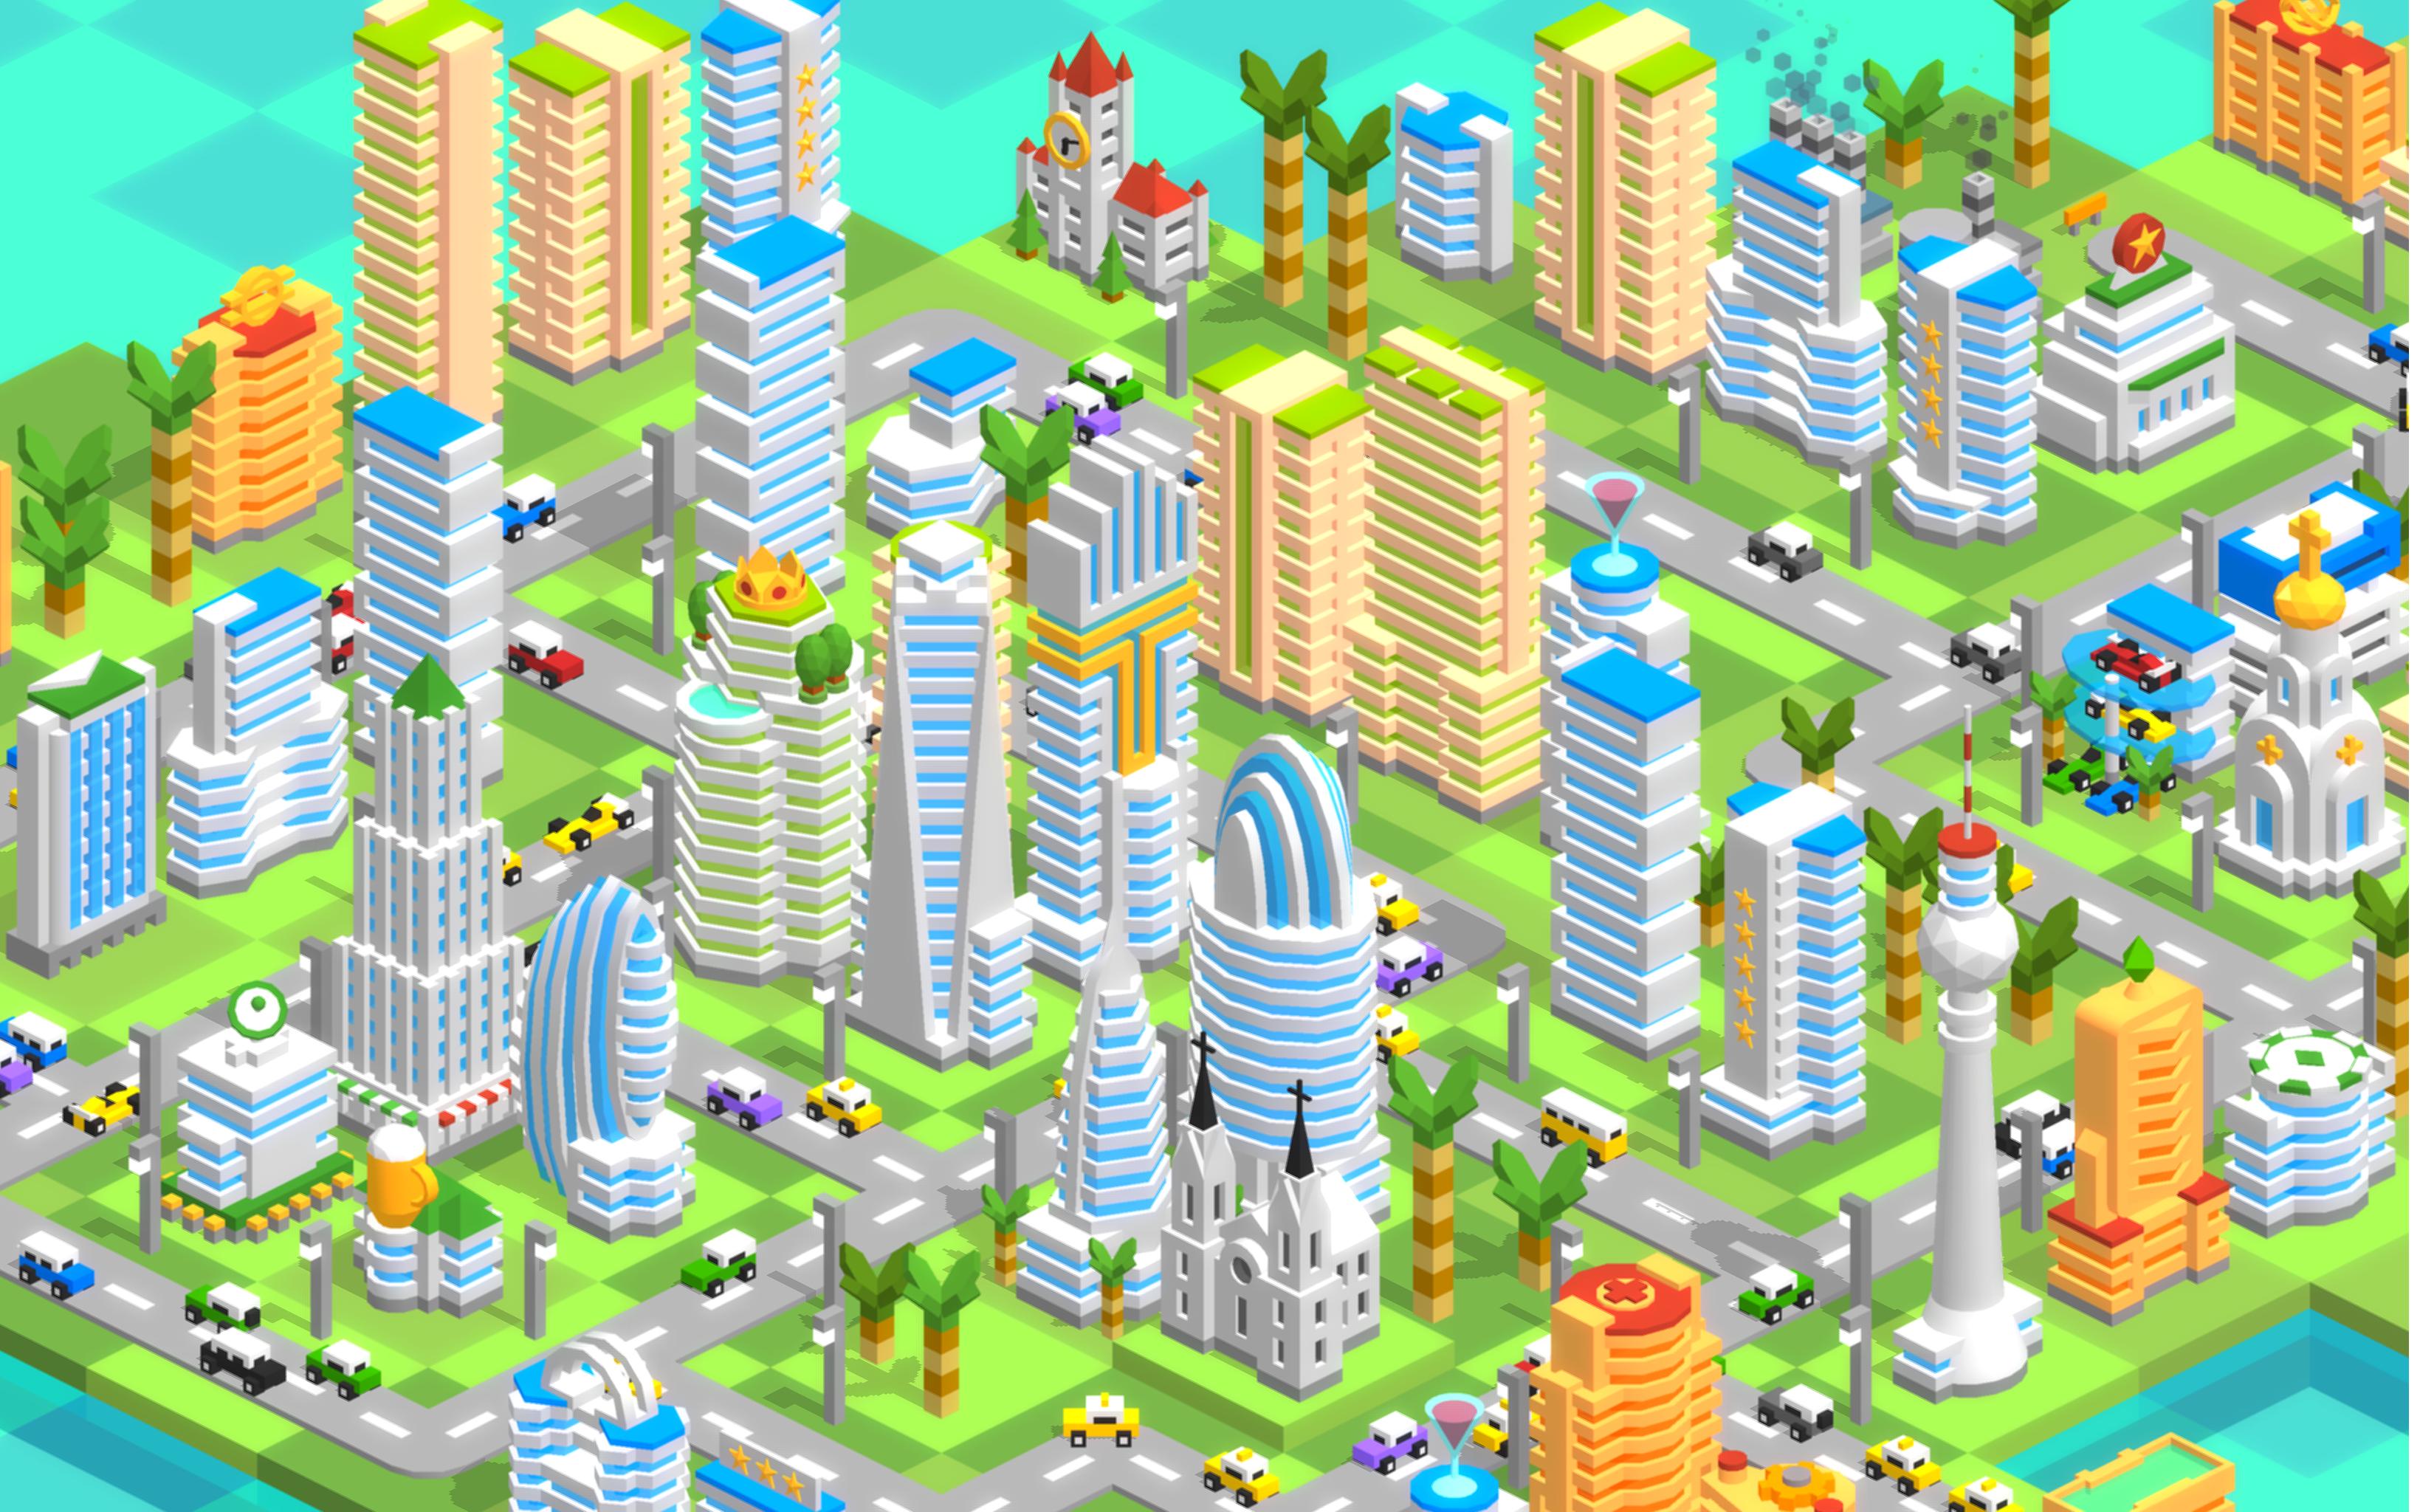 Optimizatsiya igr v Unity 5